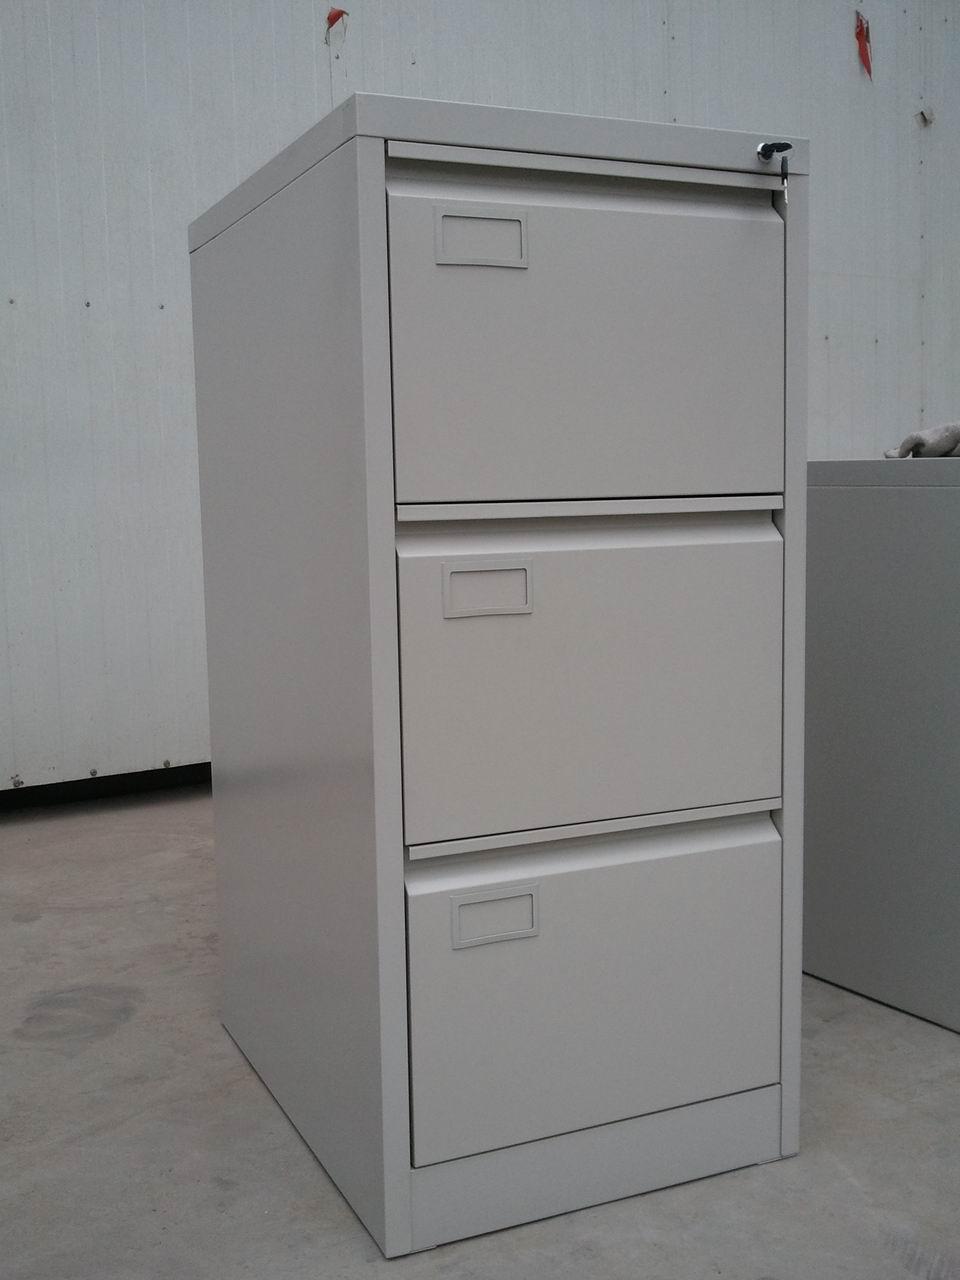 3 tiroir armoire de classement vertical autres meubles en m tal id du produit 500000334549. Black Bedroom Furniture Sets. Home Design Ideas